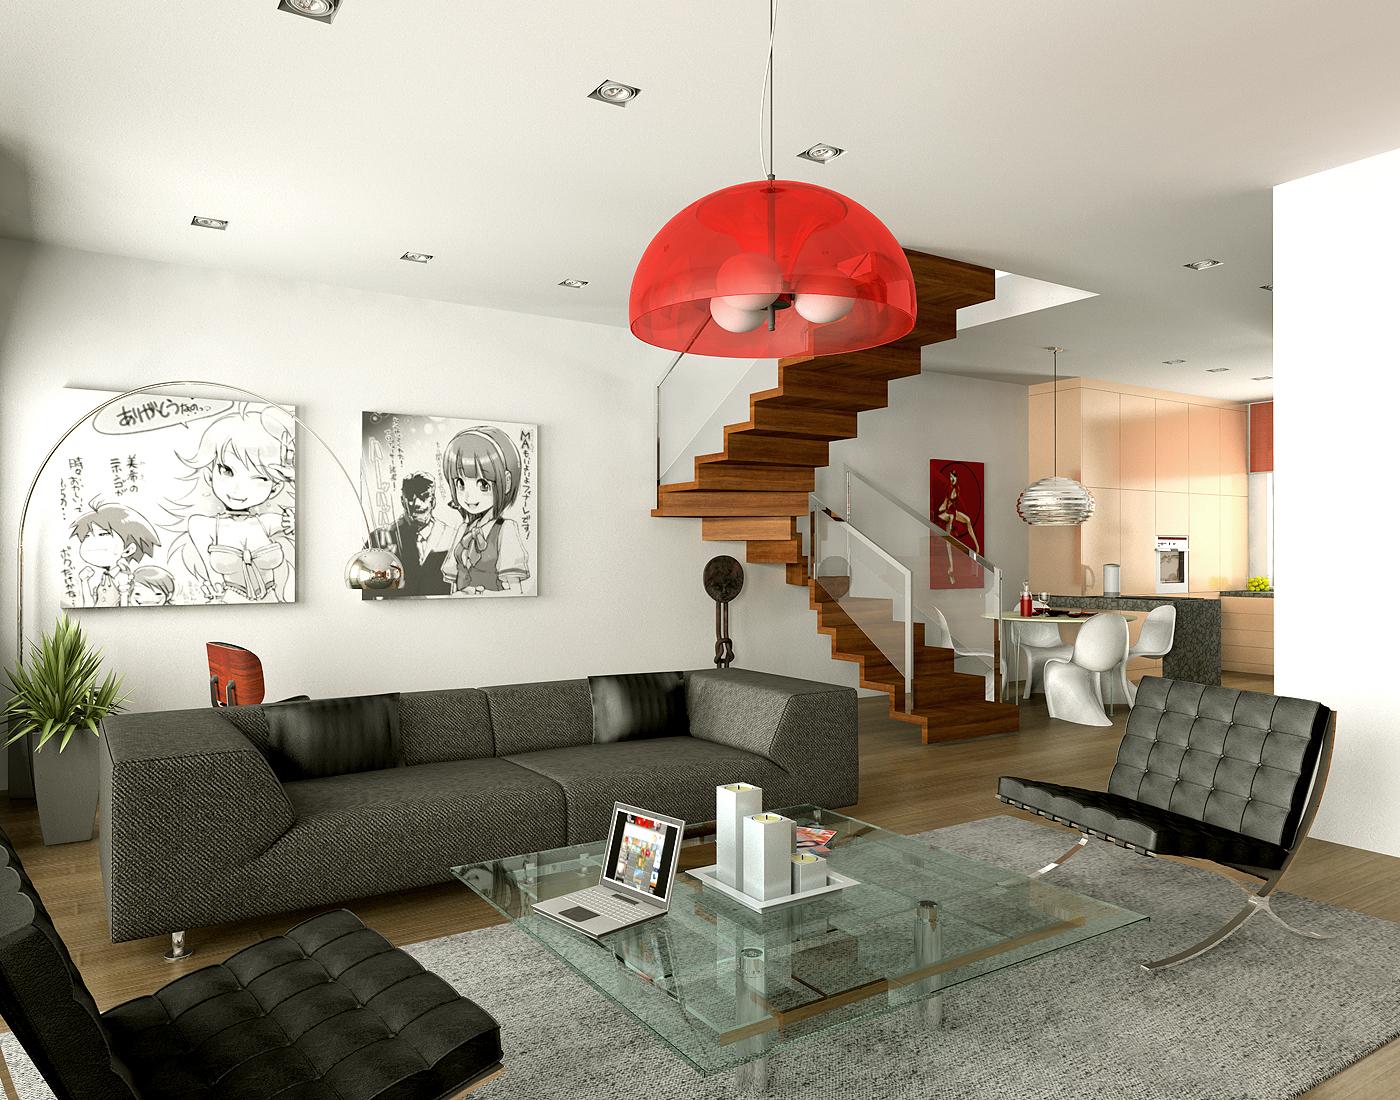 Fullsize Of Decorating Ideas For Living Room